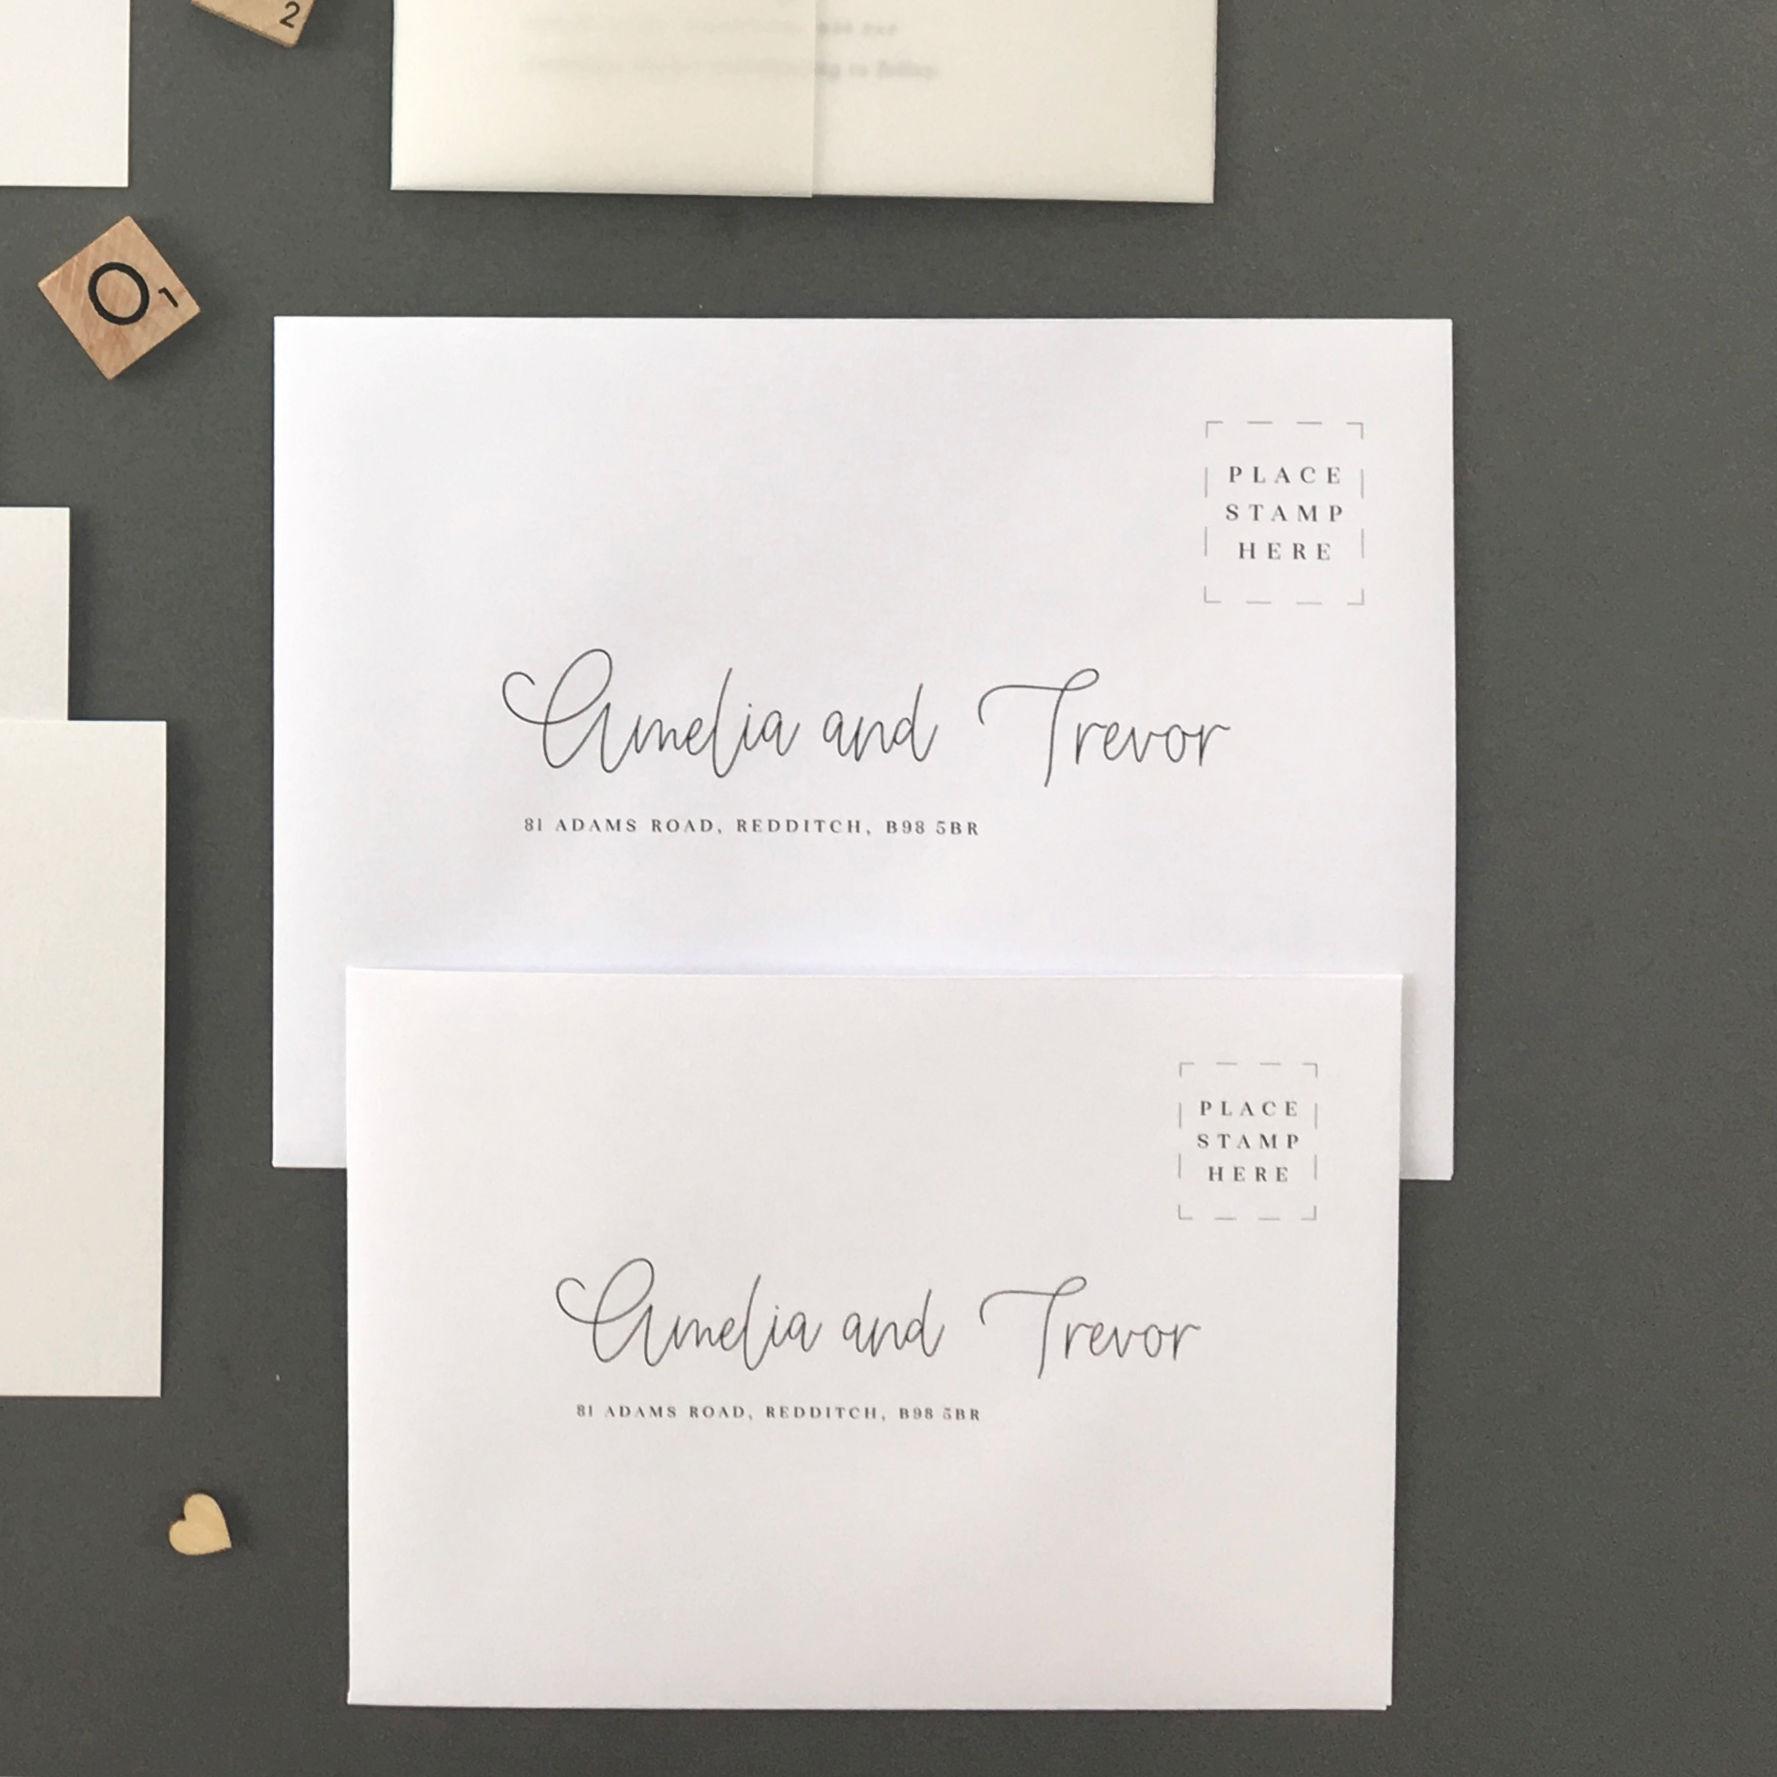 Green Park Envelopes